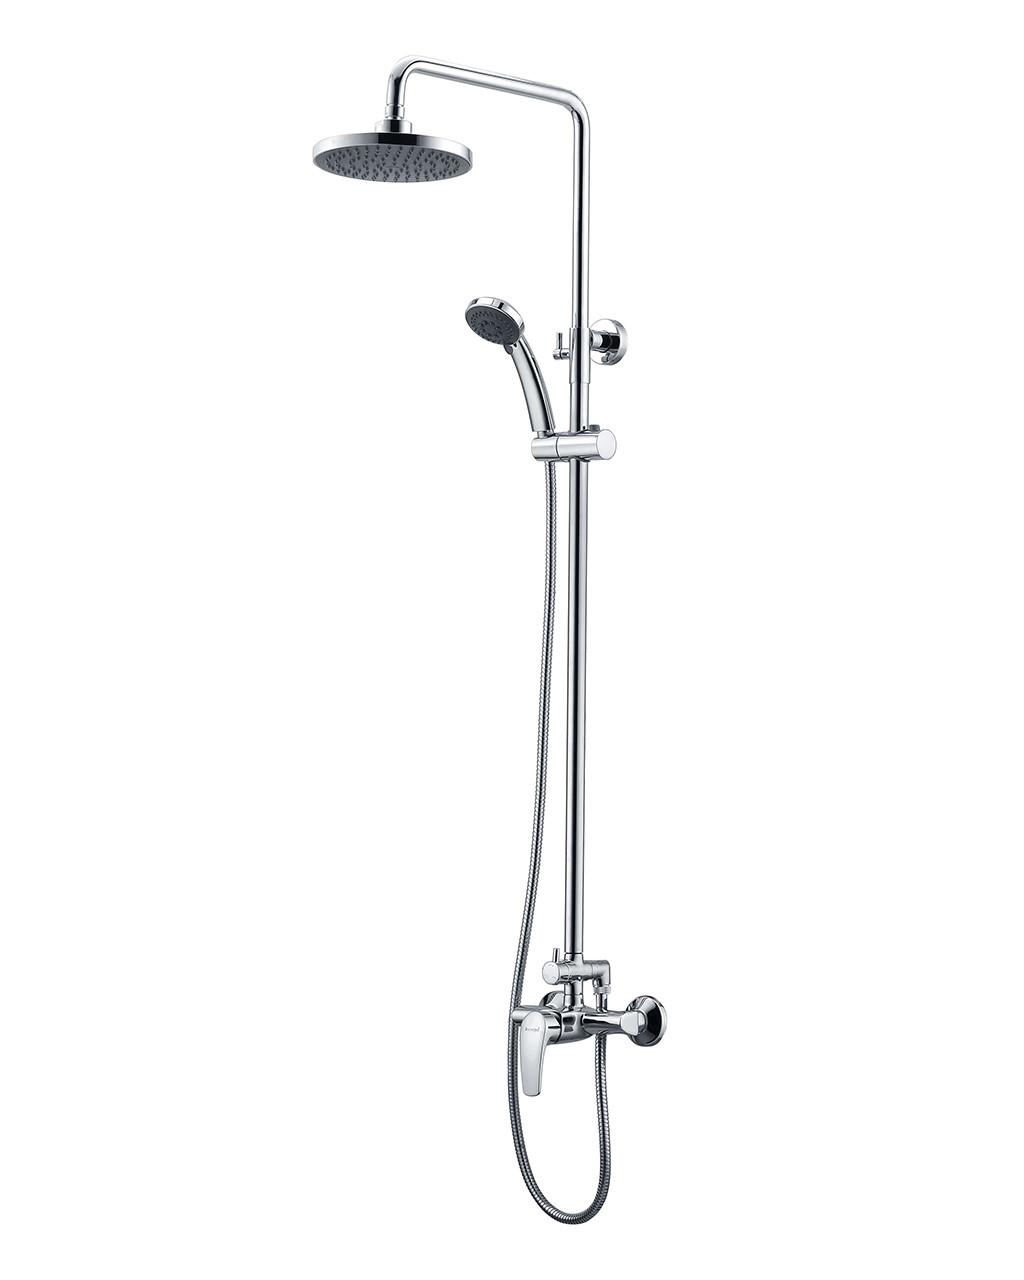 JESENIK система душевая  (смеситель для душа, верхний и ручной душ, 3 режима, шланг 1,5м)